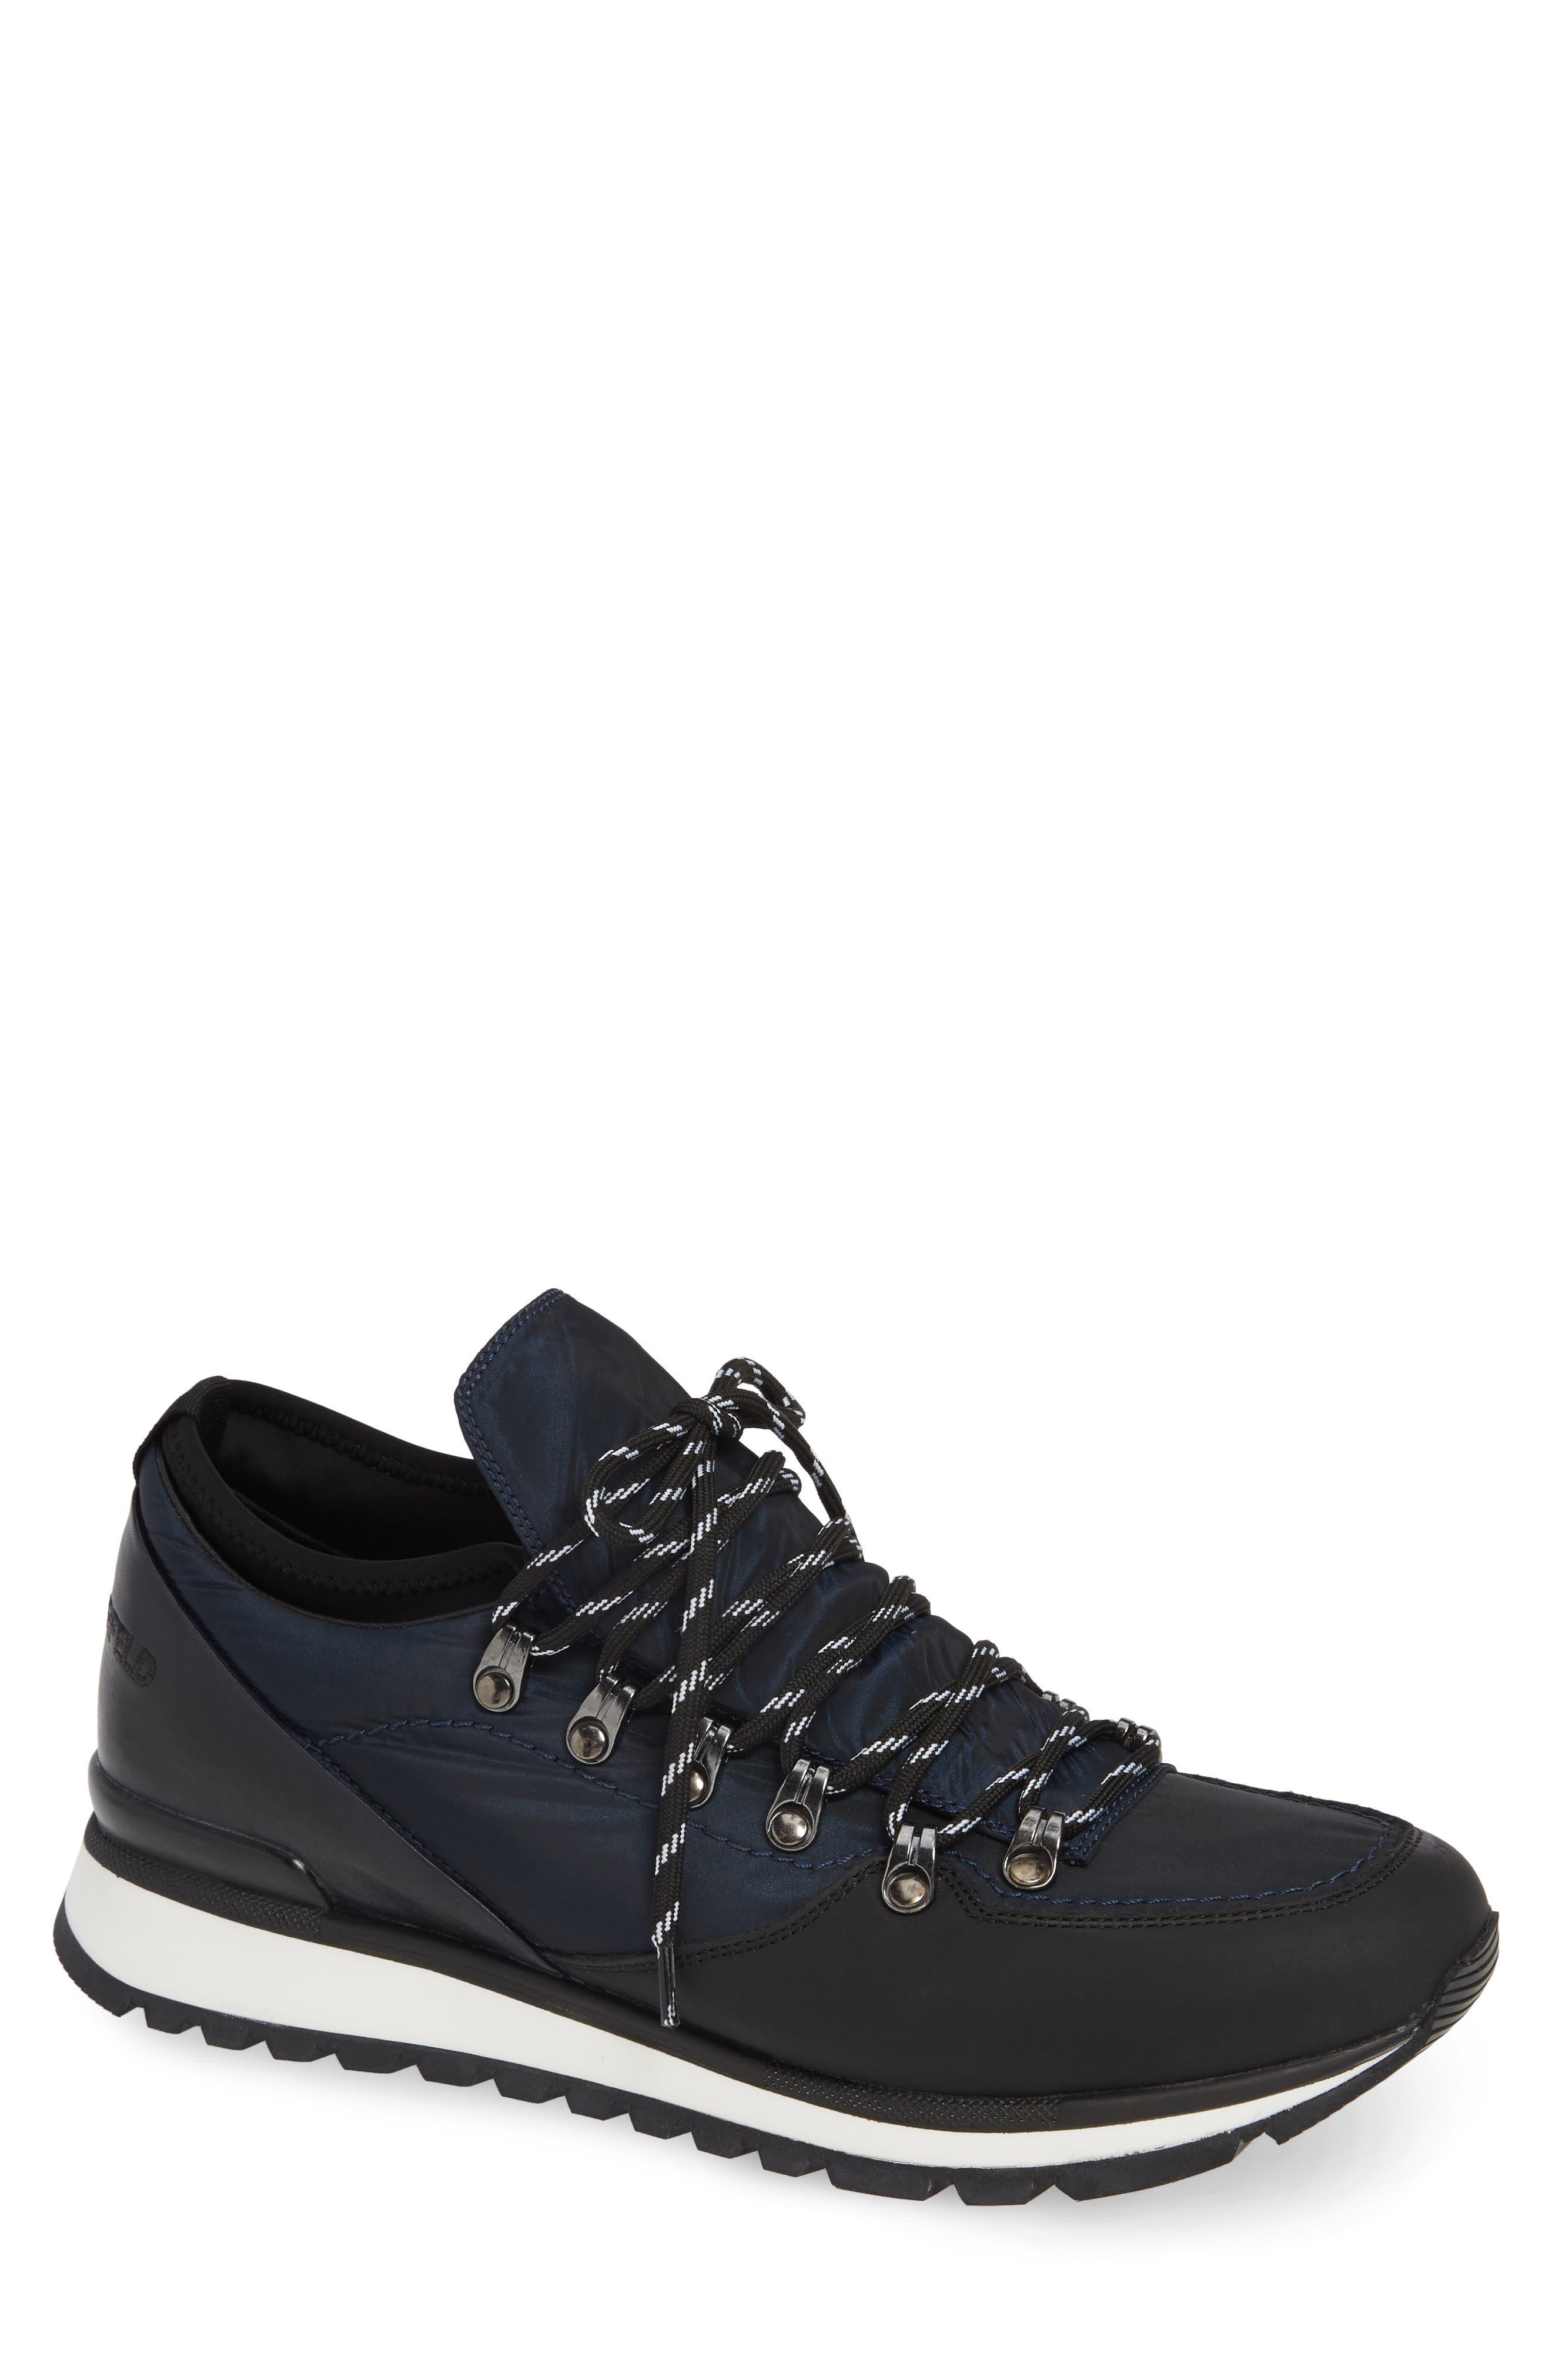 Low Top Hiker Sneaker,                             Main thumbnail 1, color,                             410